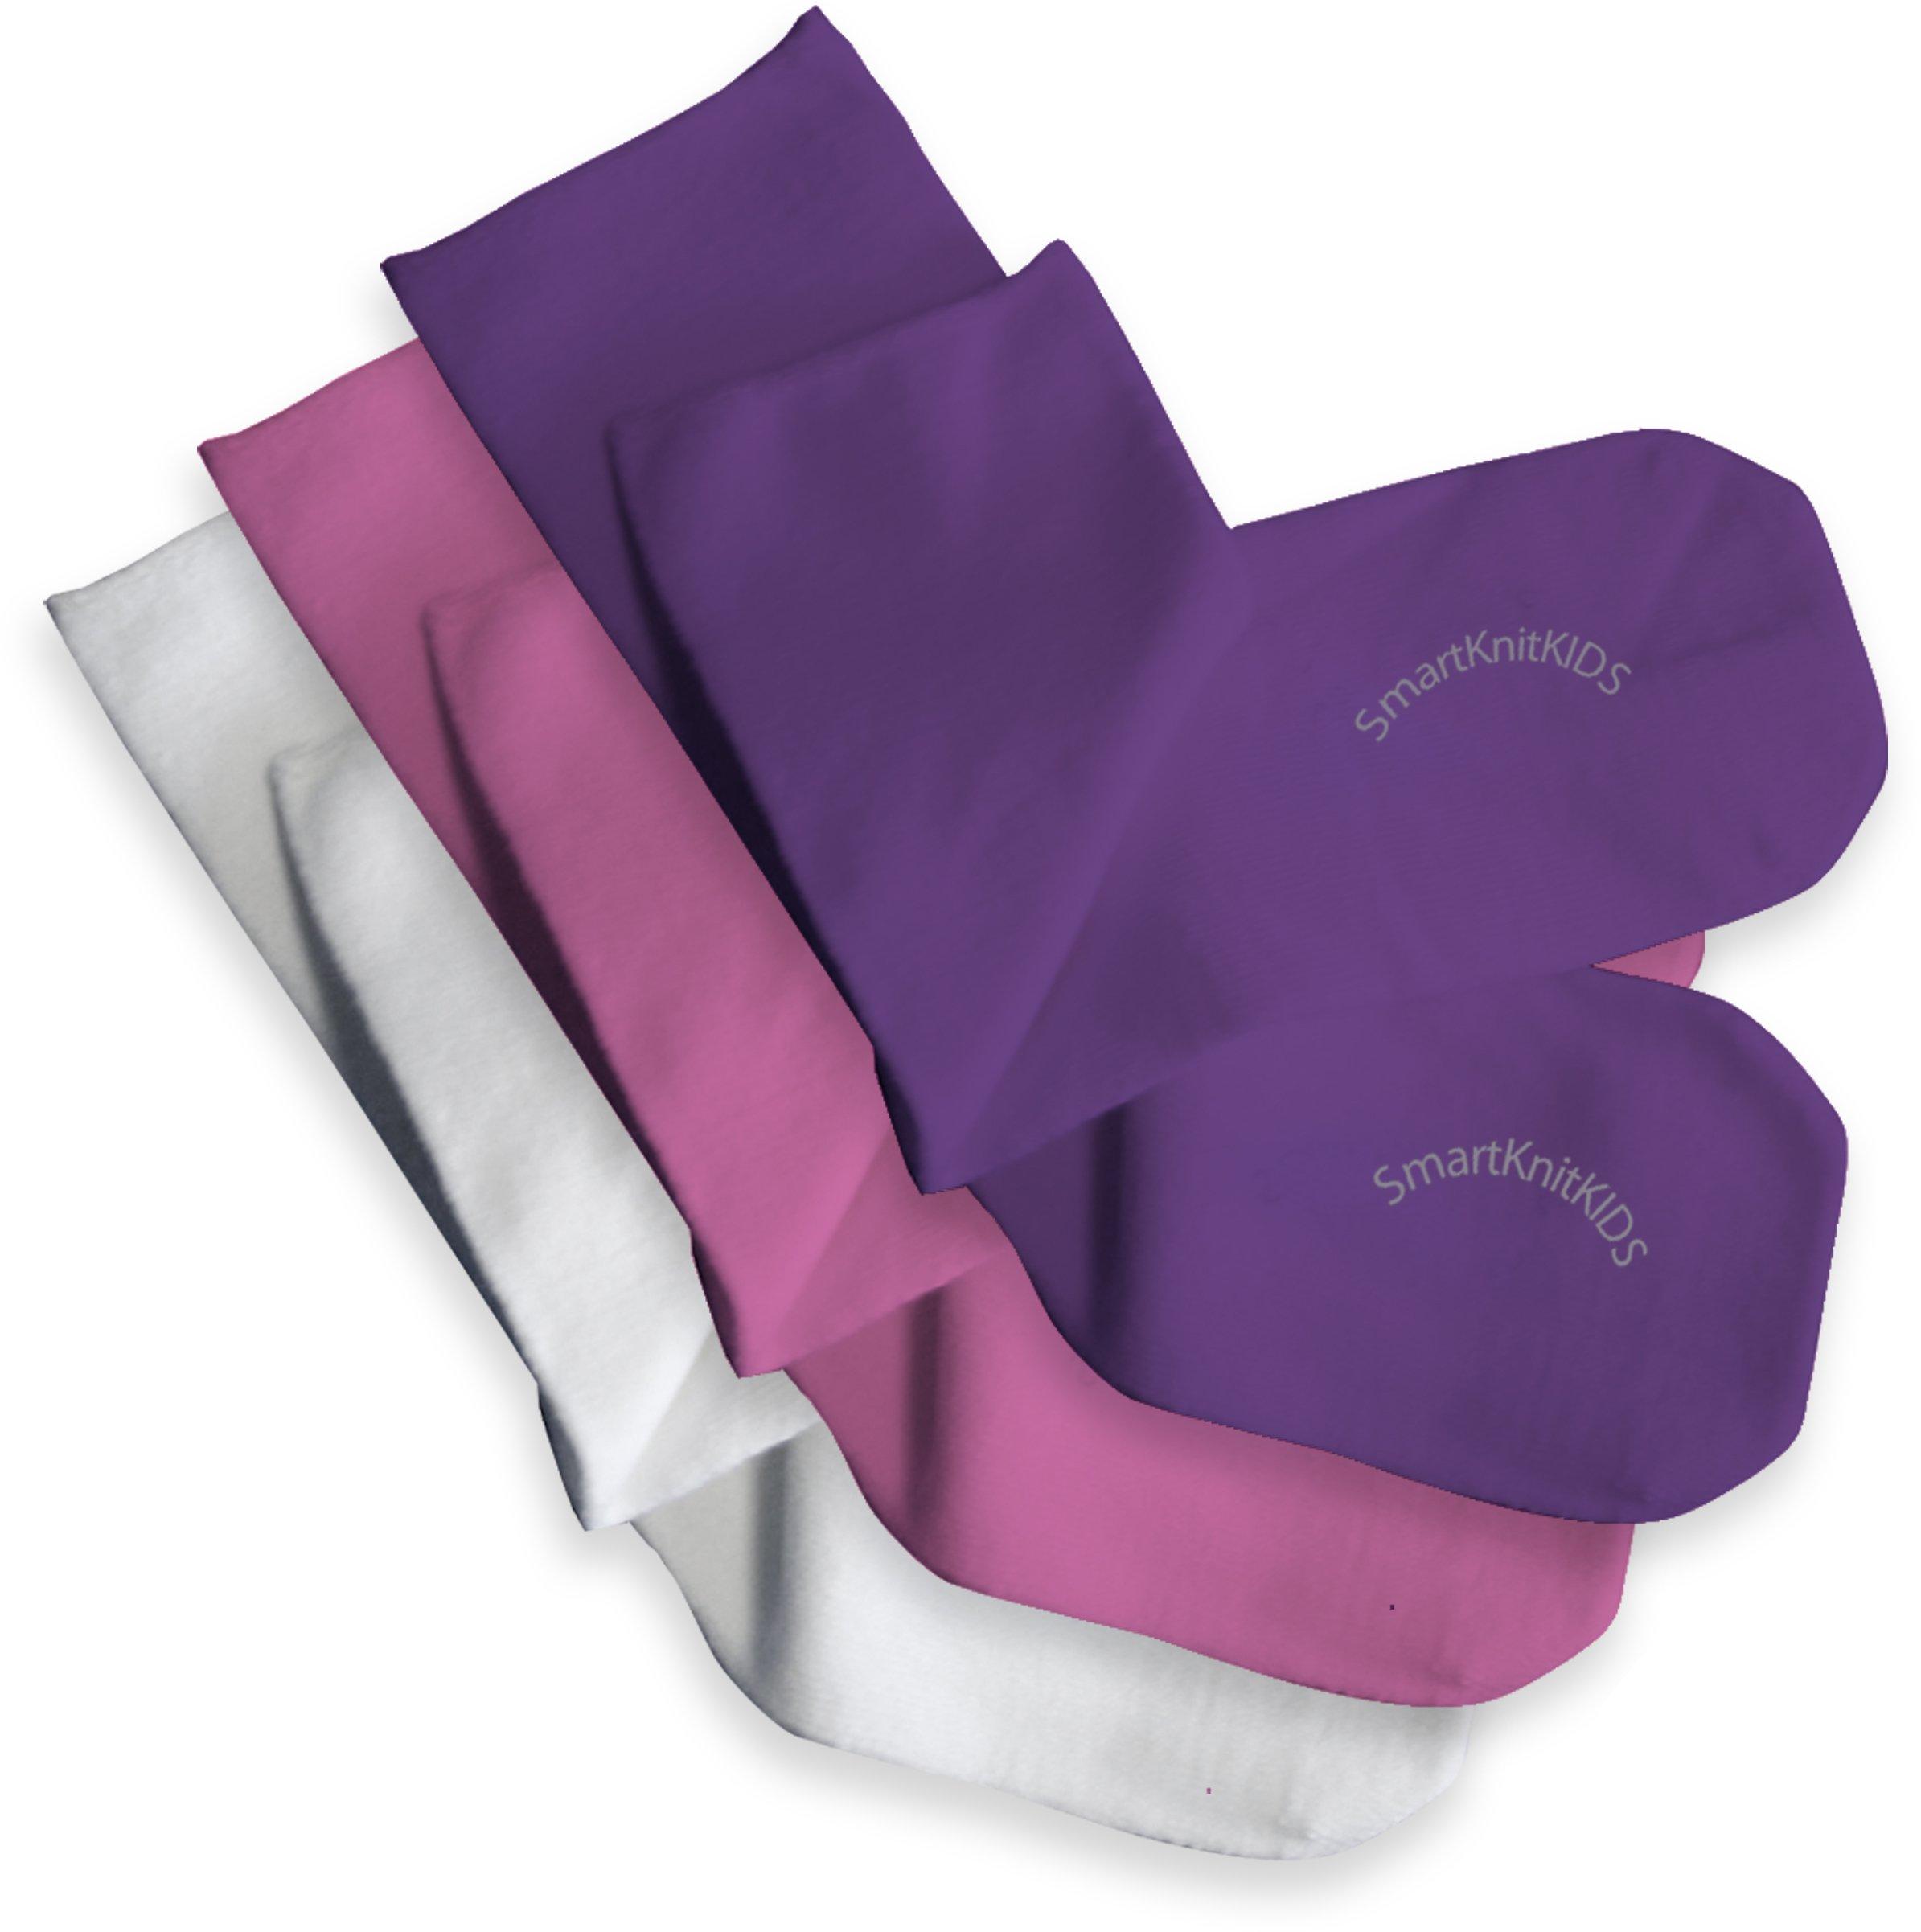 SmartKnitKIDS Seamless Sensitivity Socks 3 Pack (Pink/Purple/White, XLarge)